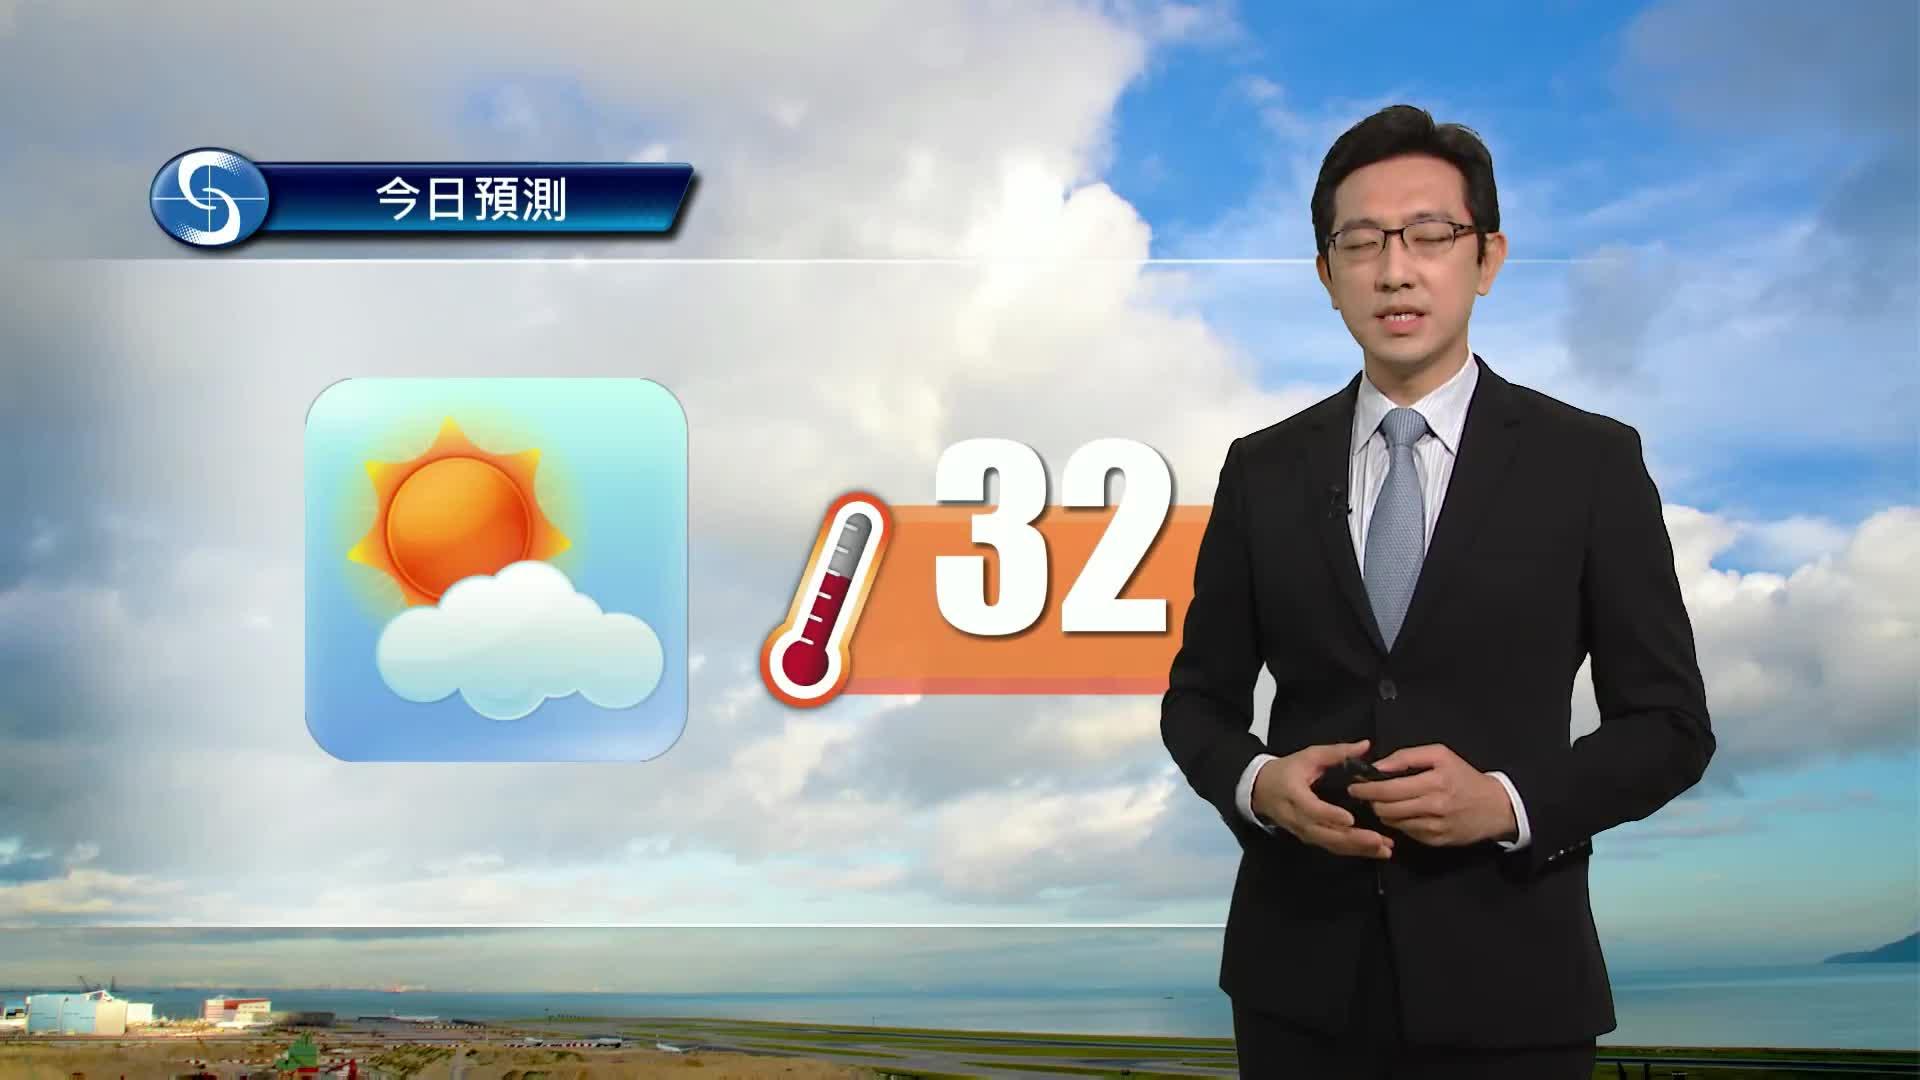 早晨天氣節目(07月22日上午8時) - 科學主任楊威龍